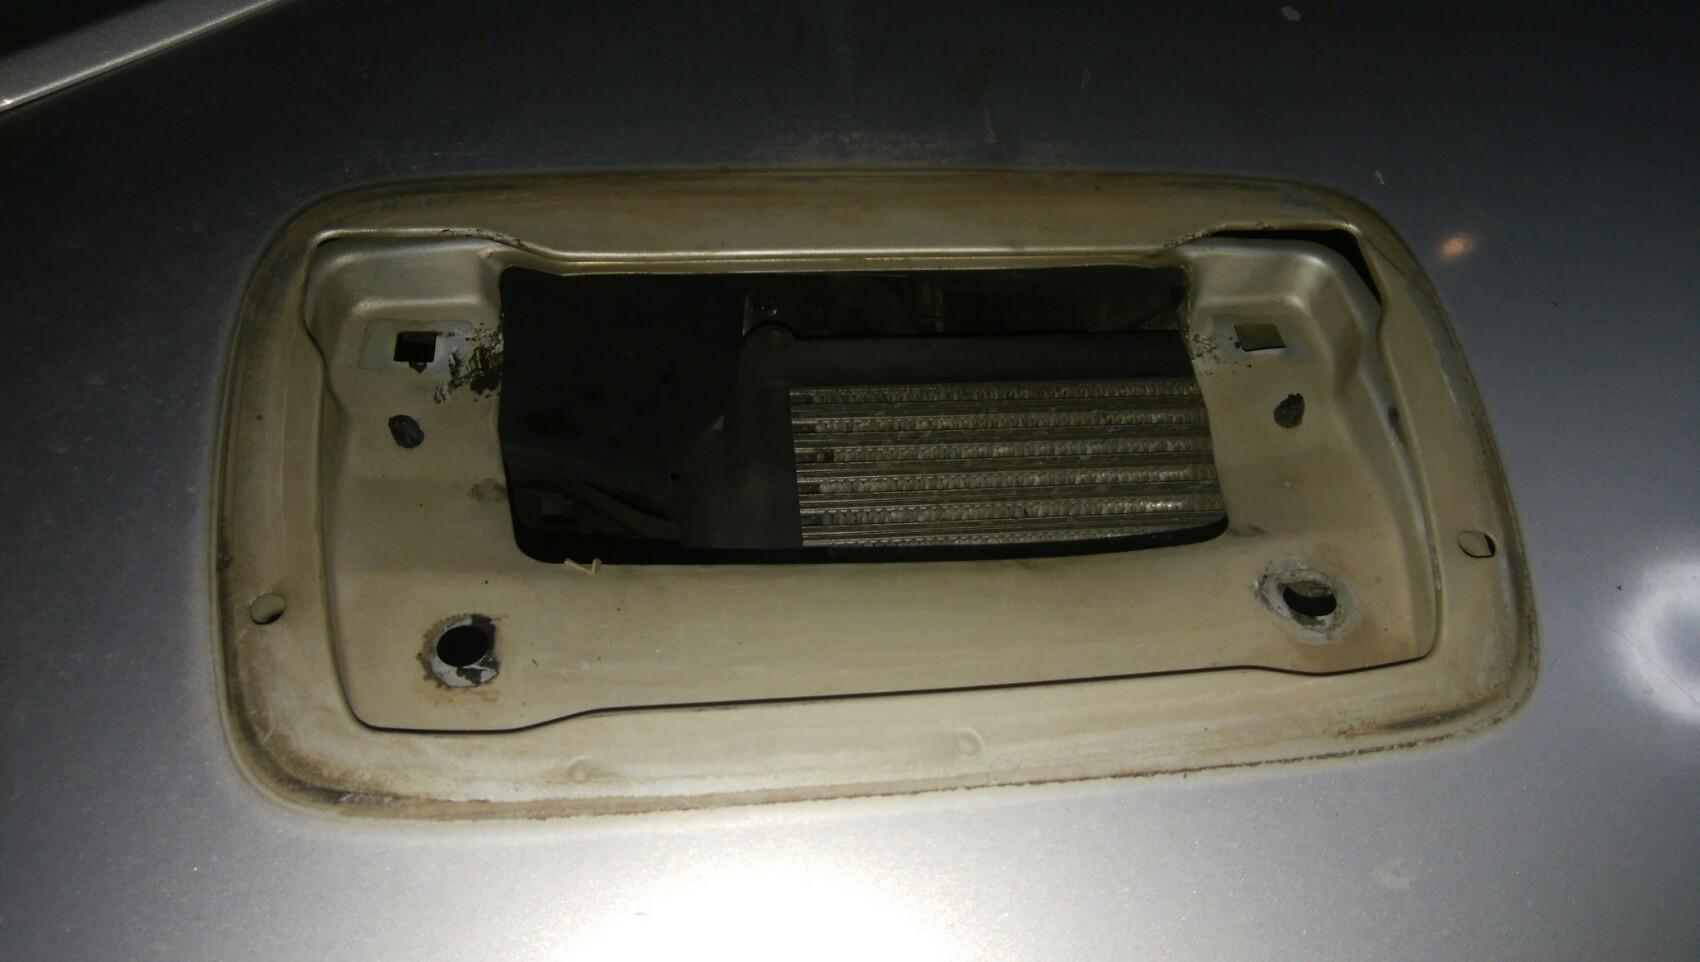 GD3フィット純正ナビを叩き込んでみた。L900ターボ用ダクトをムリヤリ叩きこんでみた